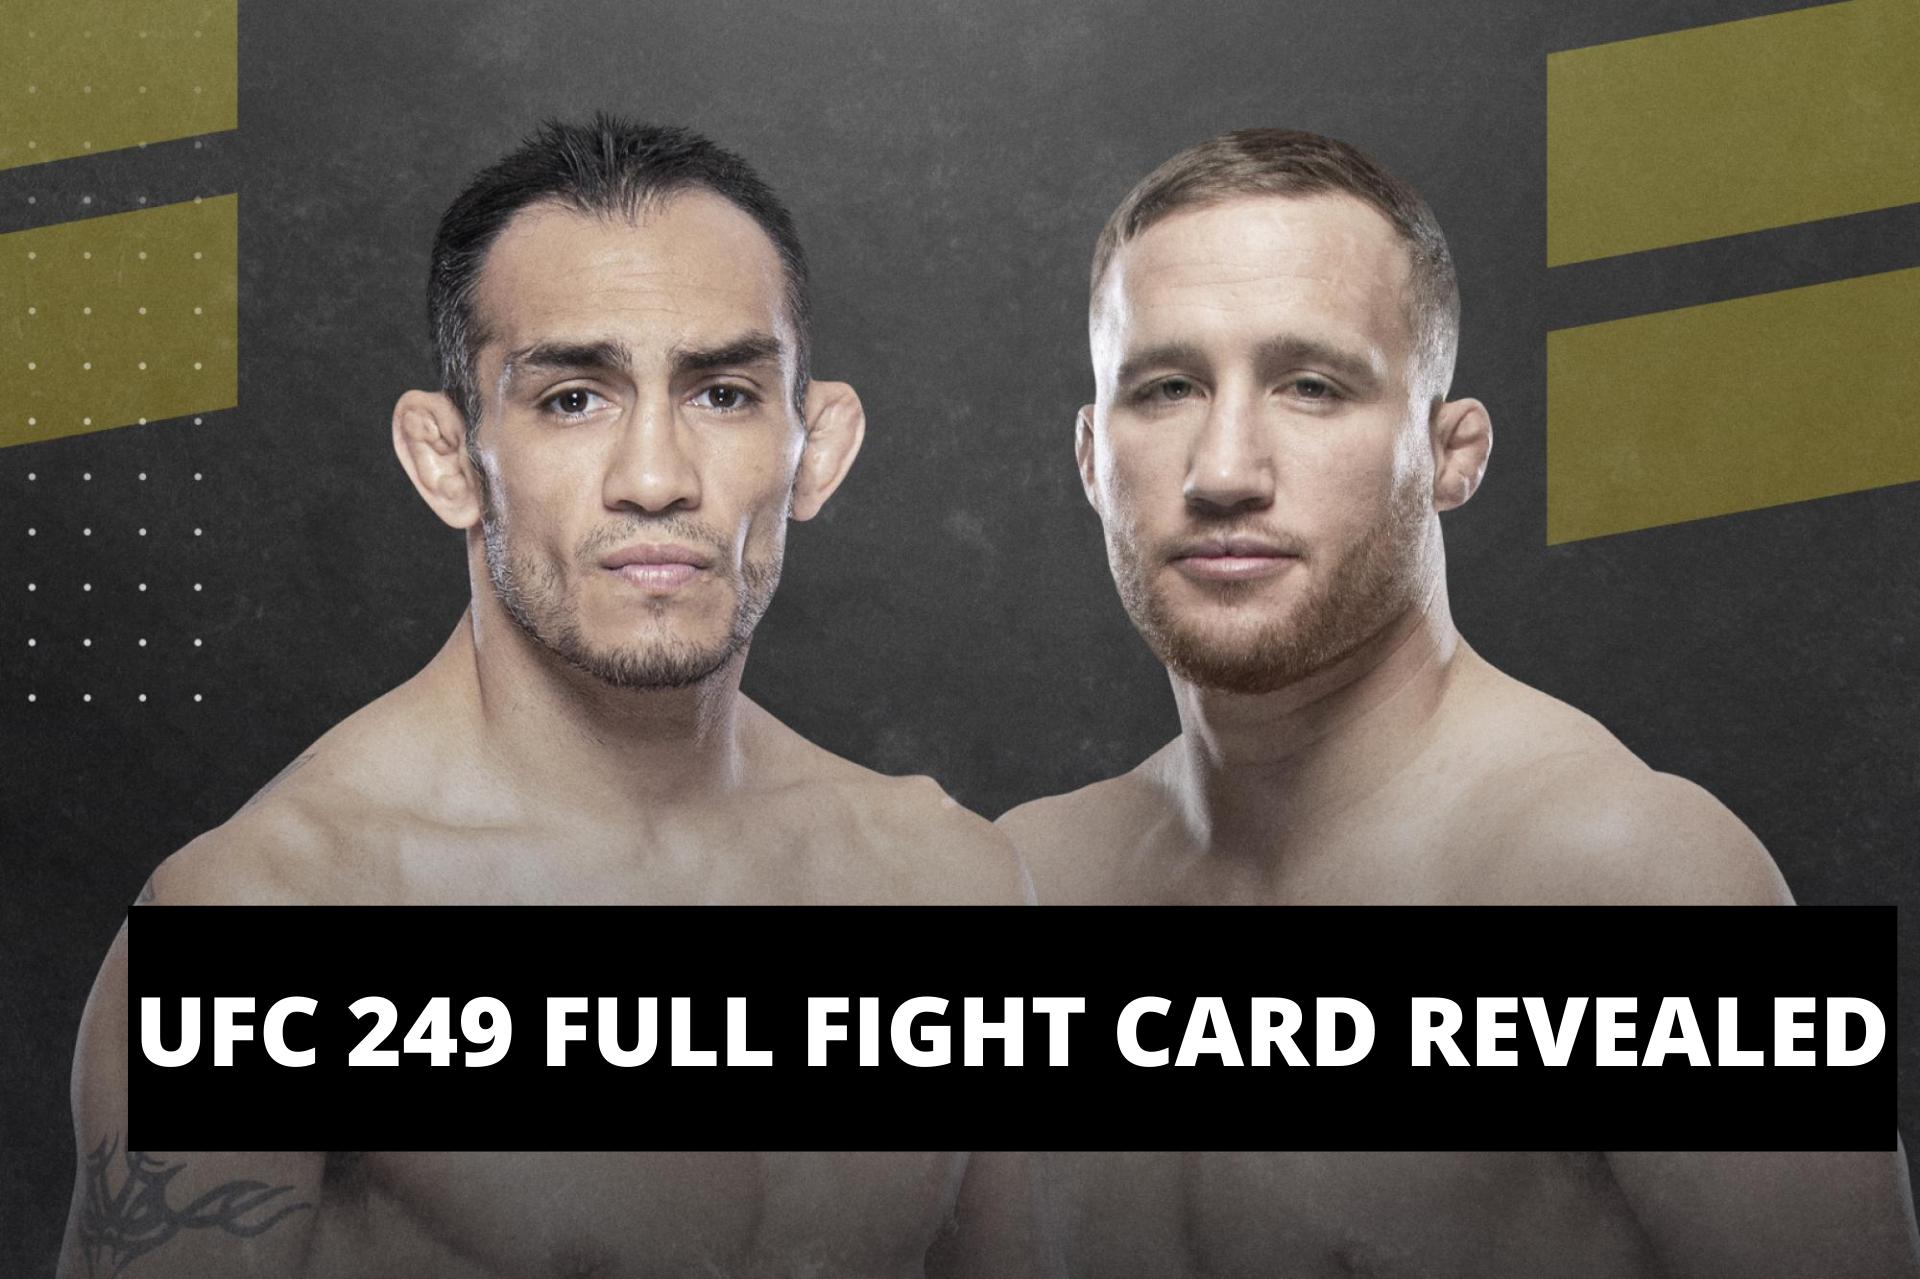 UFC News: UFC 249 full fight card has been announced! - UFC 249